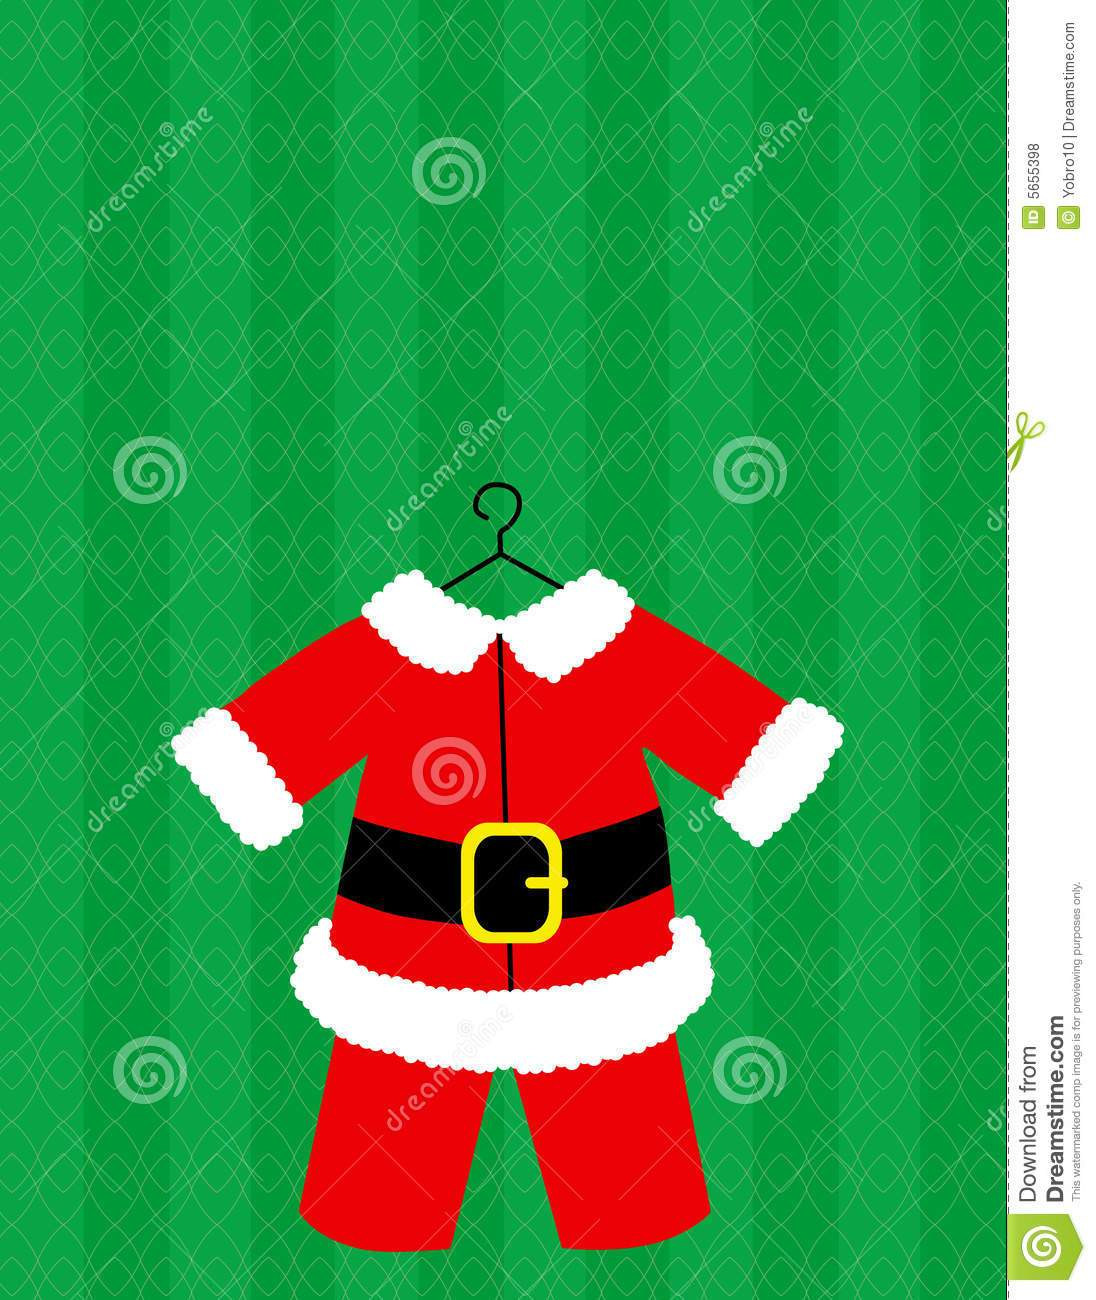 Santa suit clipart 4 » Clipart Portal.